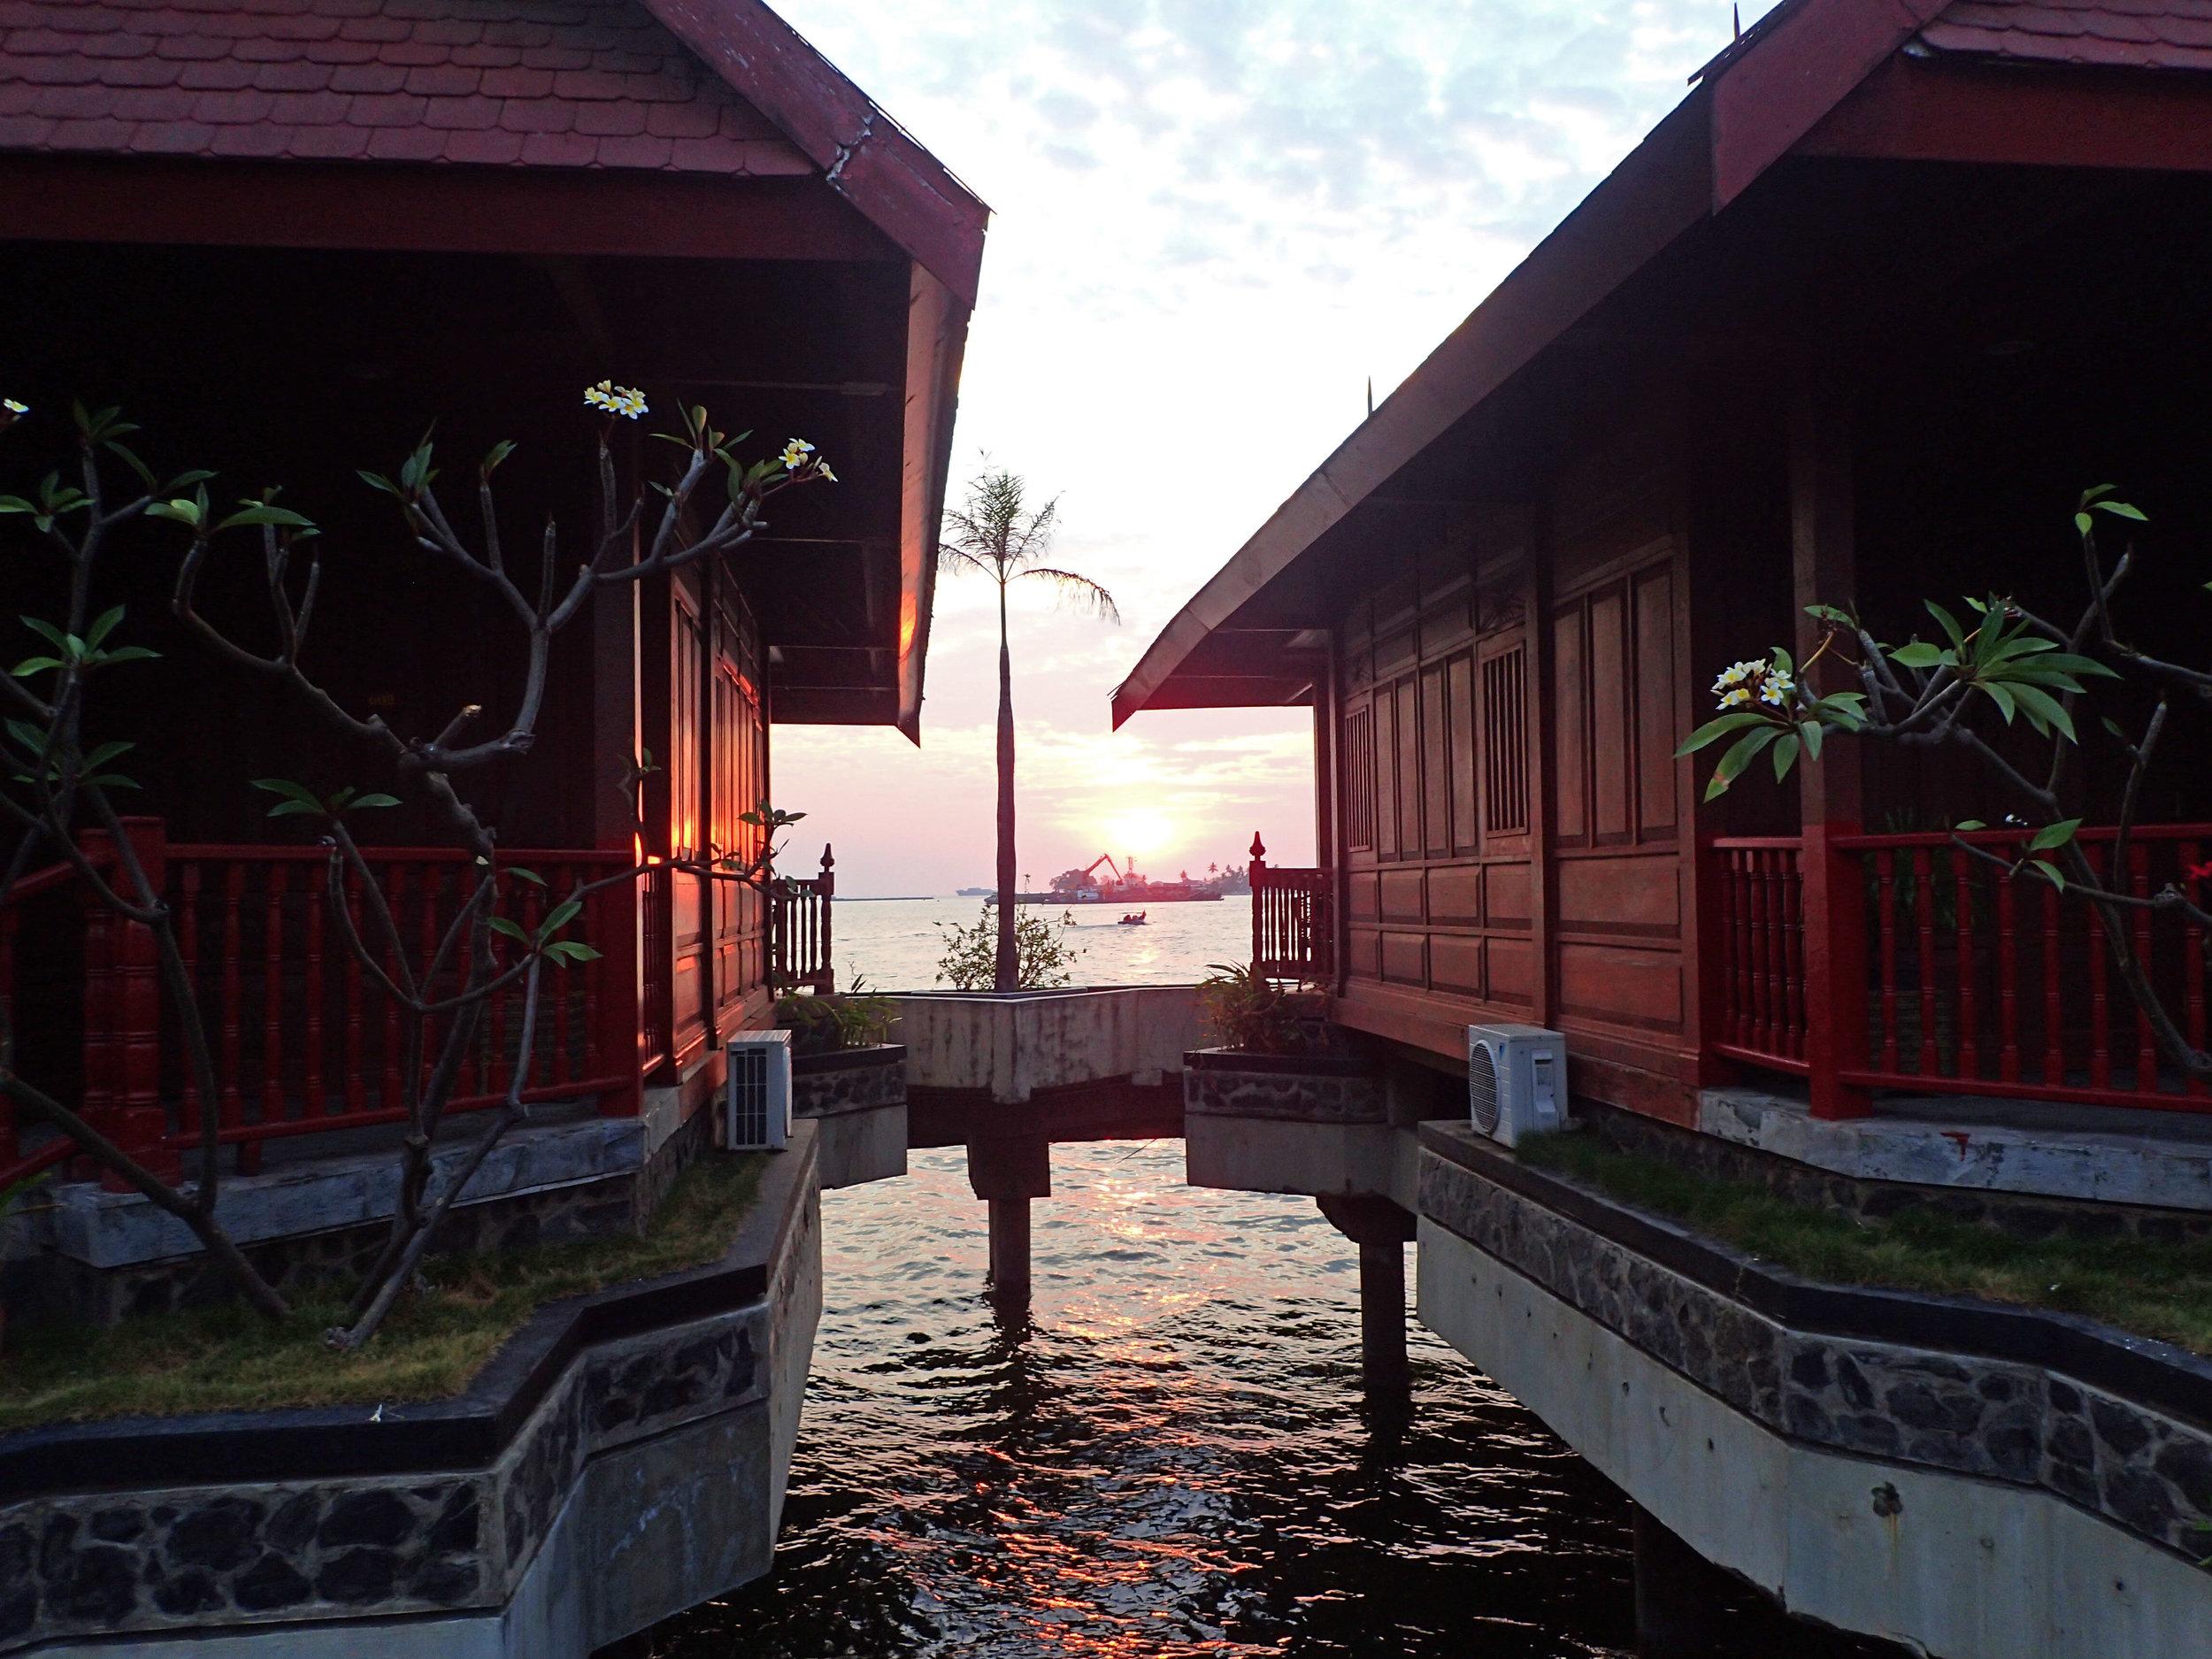 deserted hotel sunset.jpg